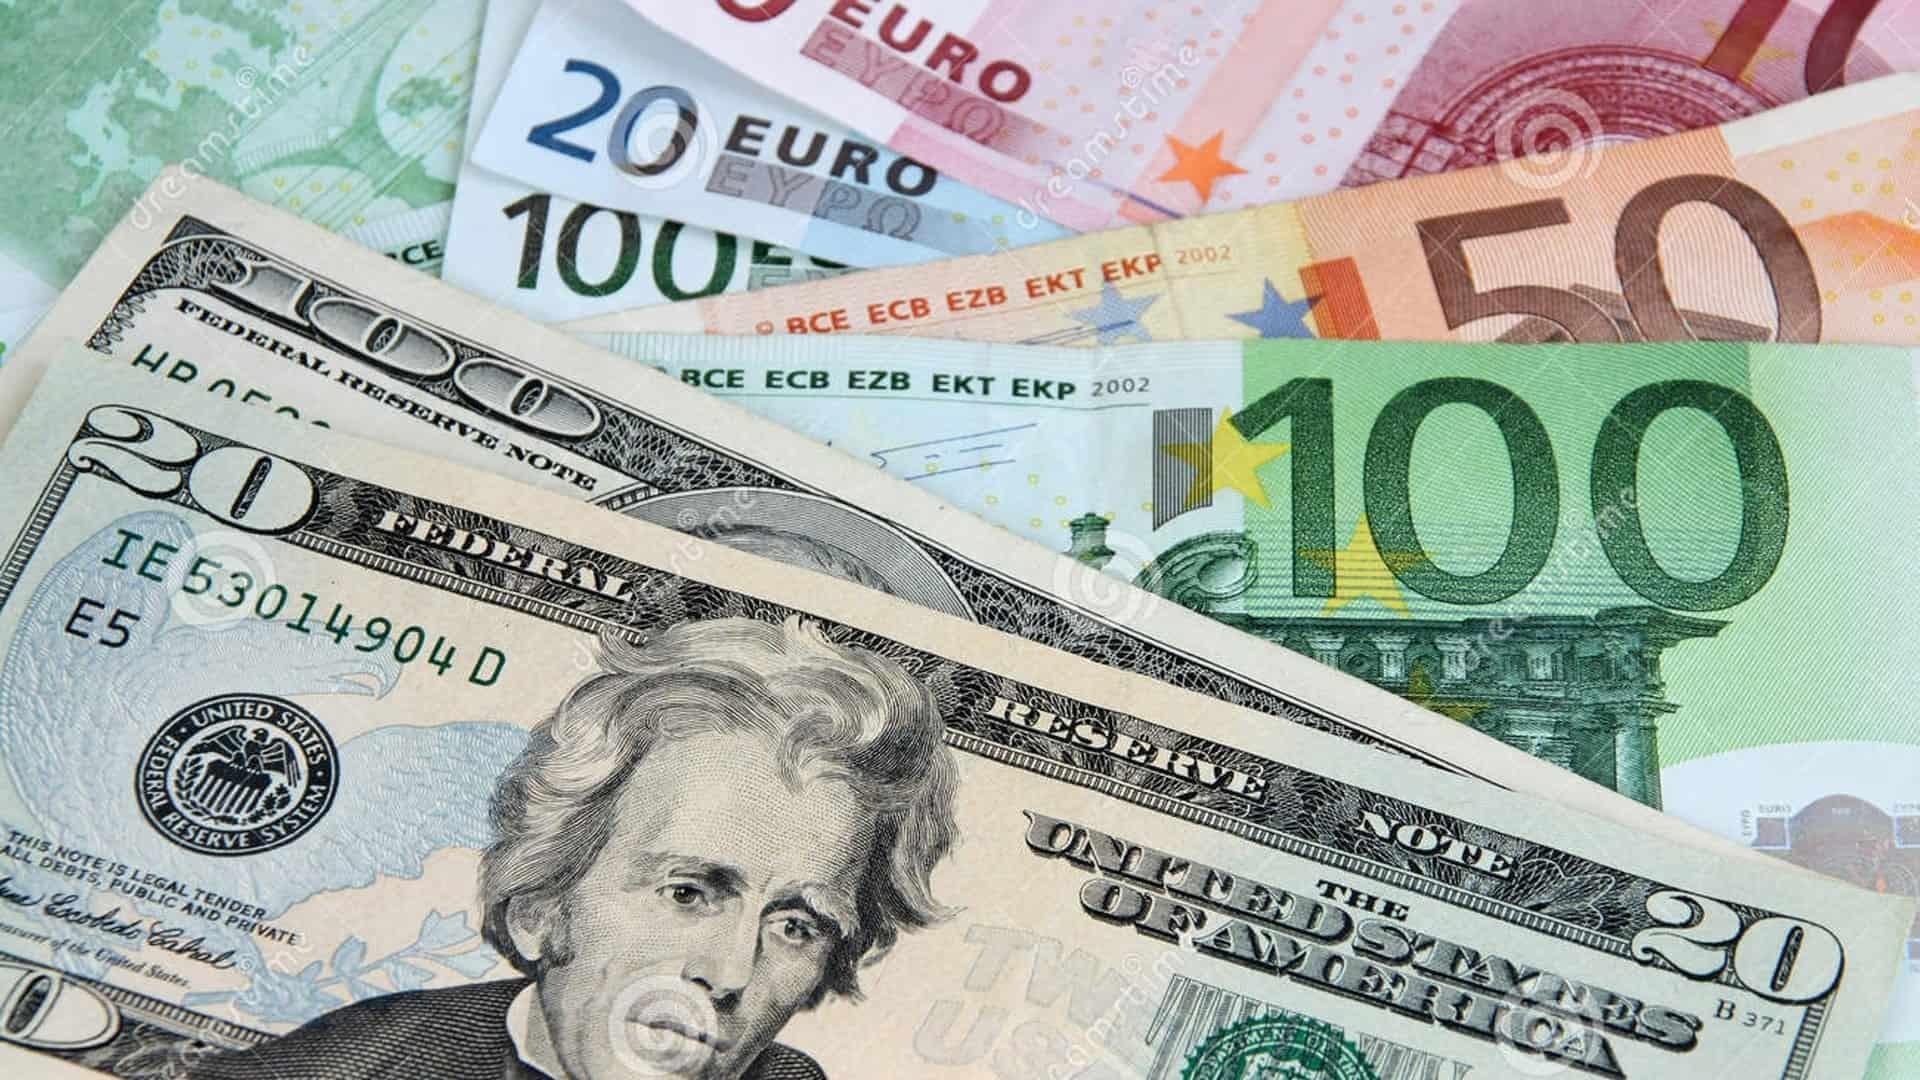 Dólar de turismo sobe mais uma vez e alcança R$5,20 em SP (Imagem: Reprodução - Google)